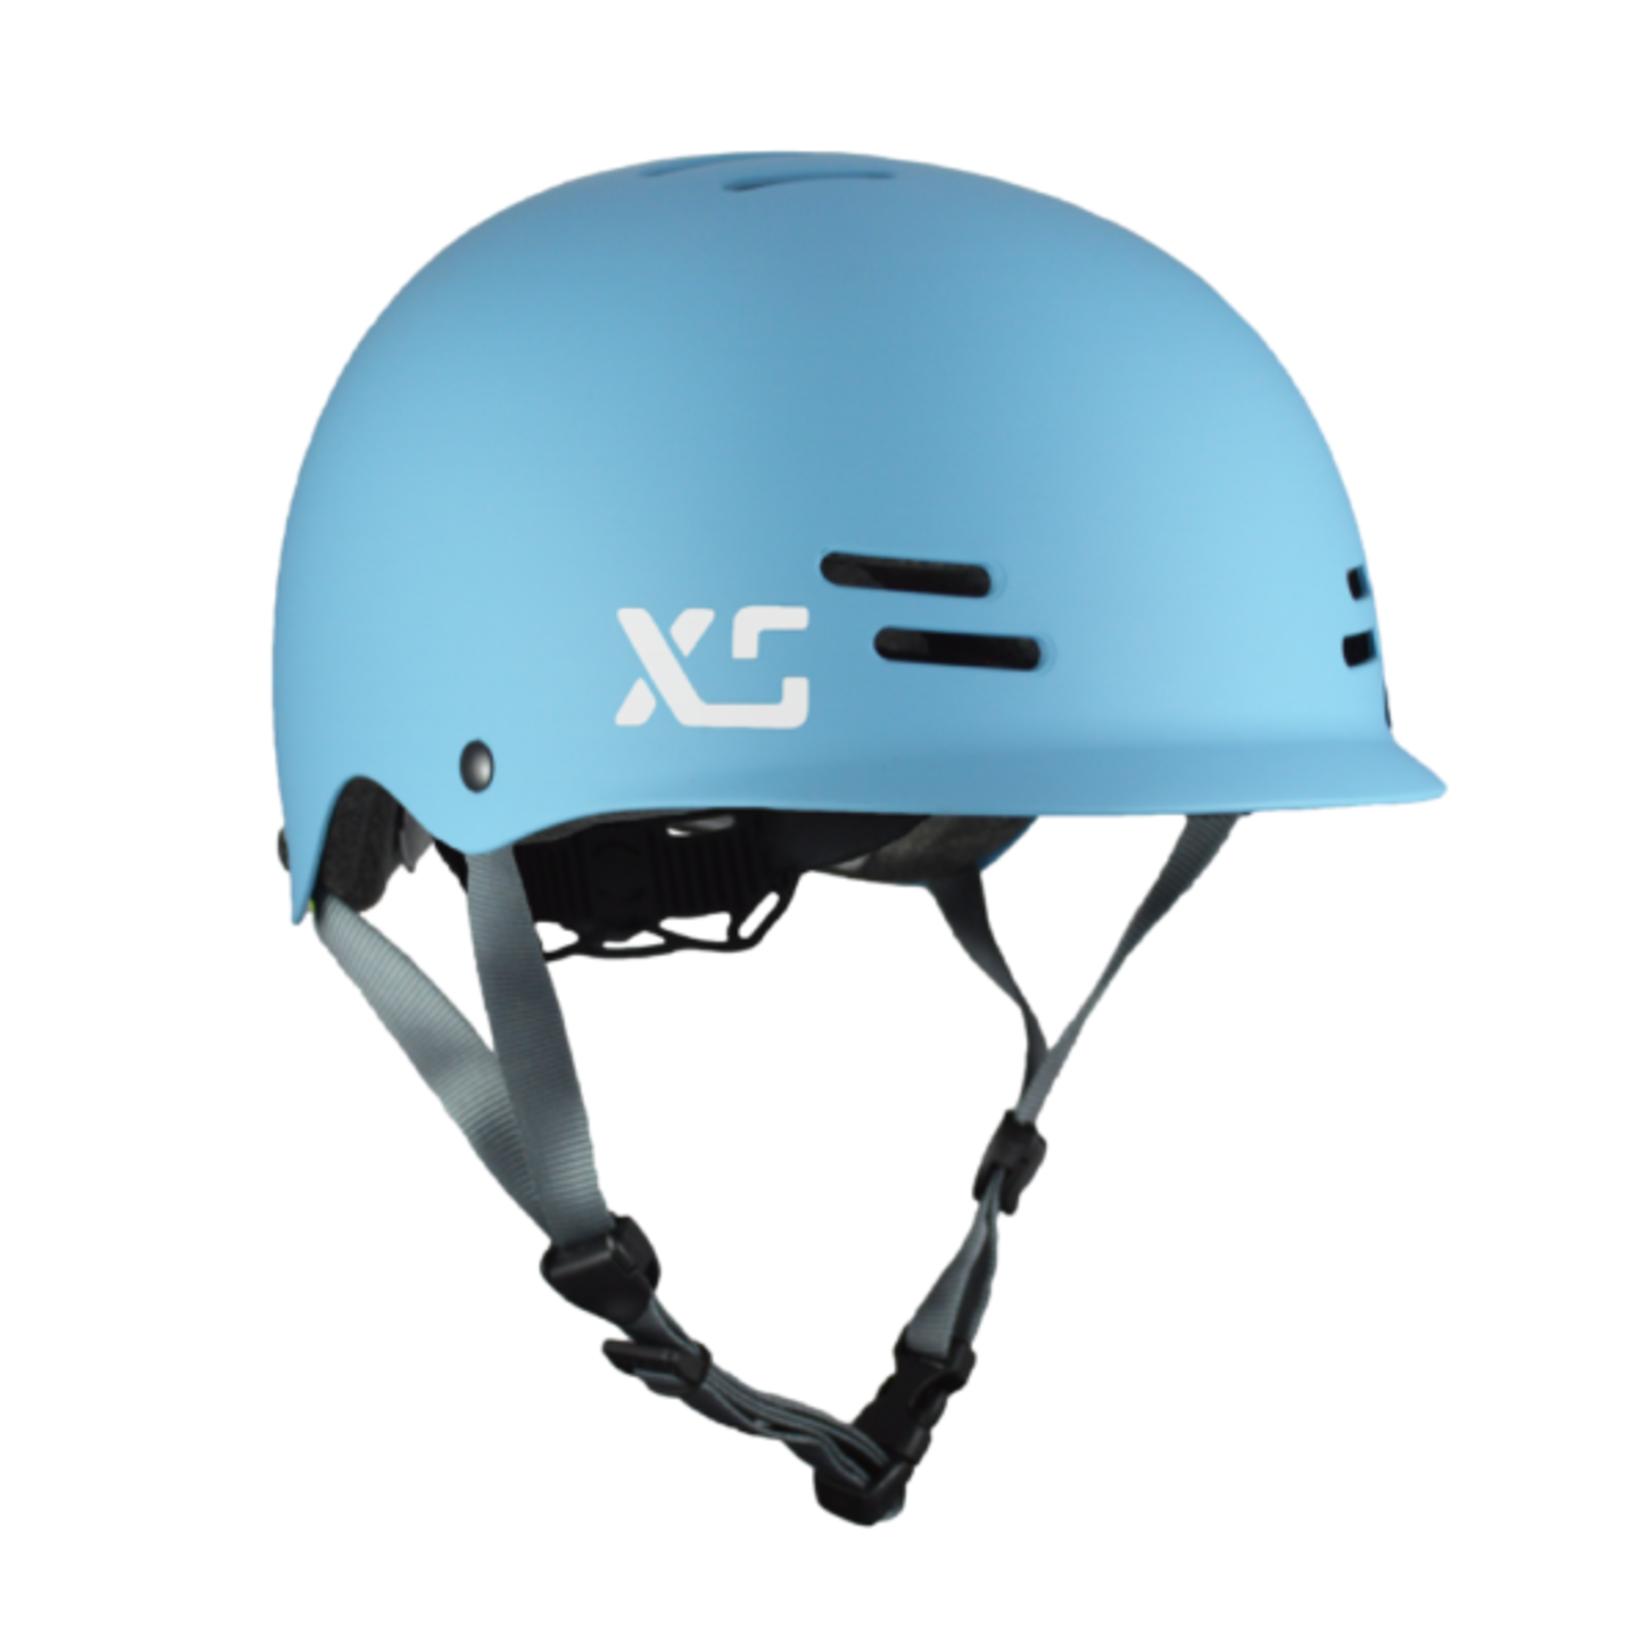 XS Unified XS Skyline Helmet